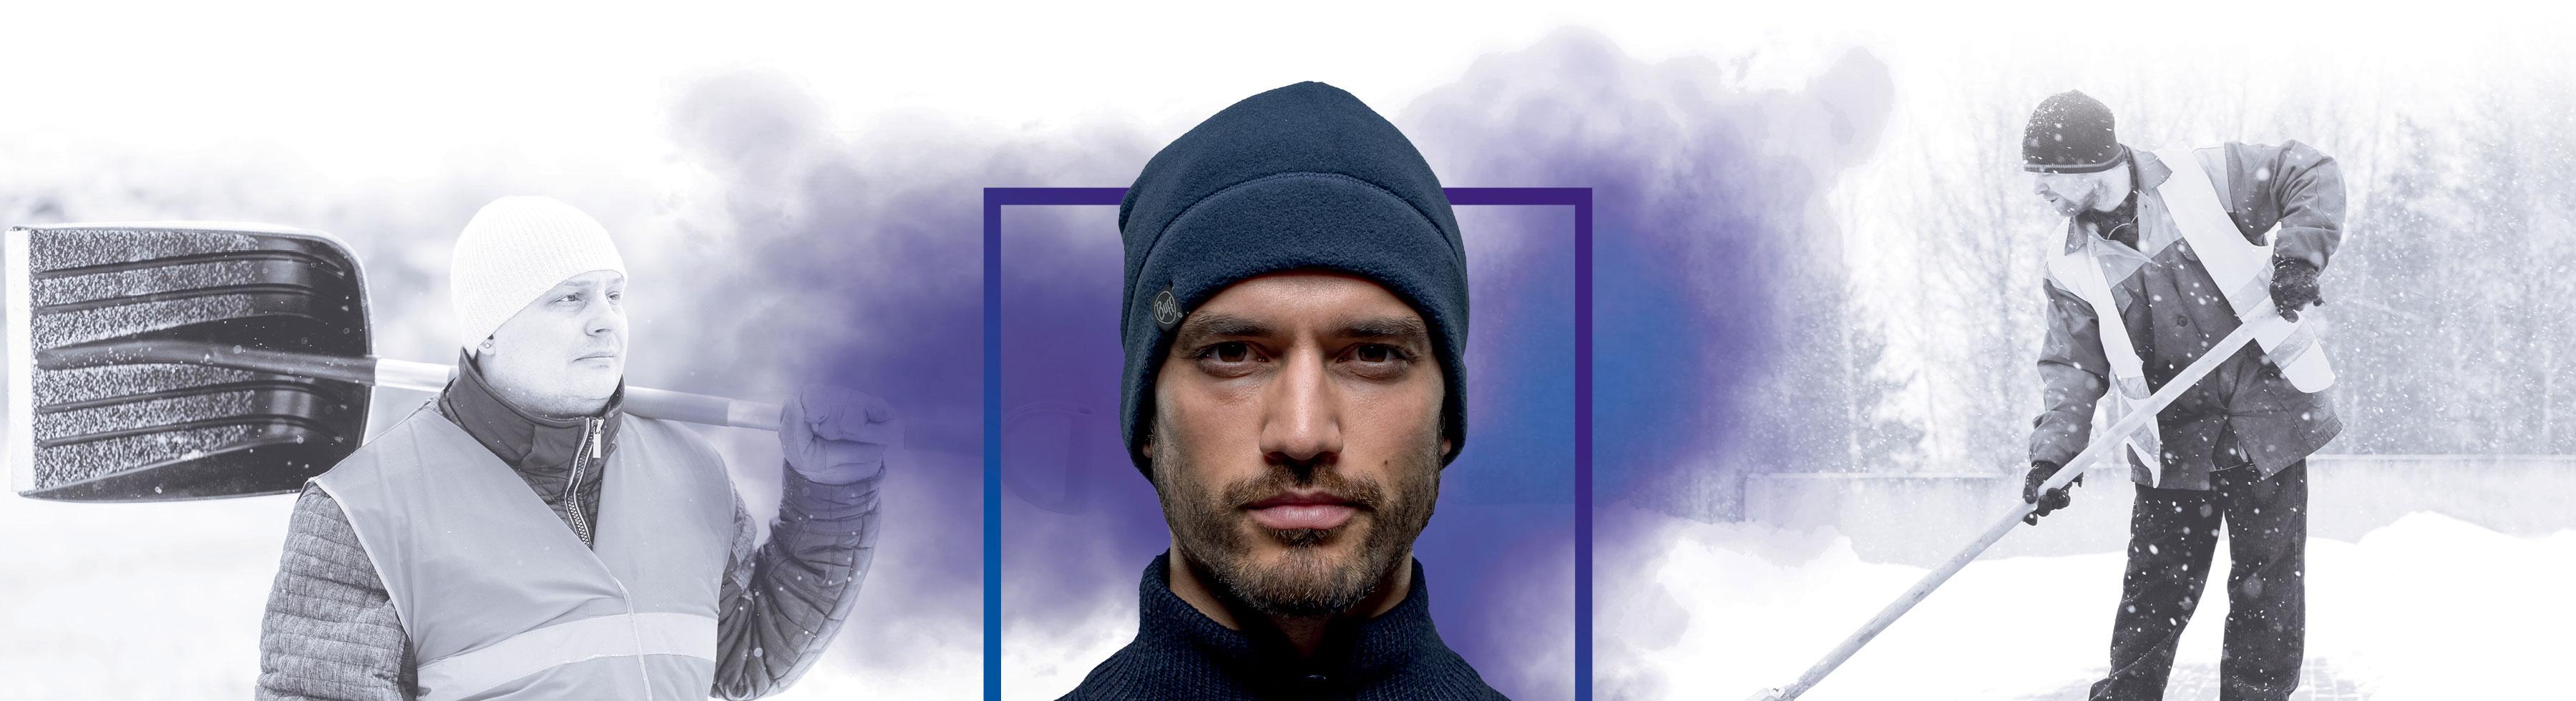 BUFF - Polar Hat - Hovedbeklædning - kasket - hat